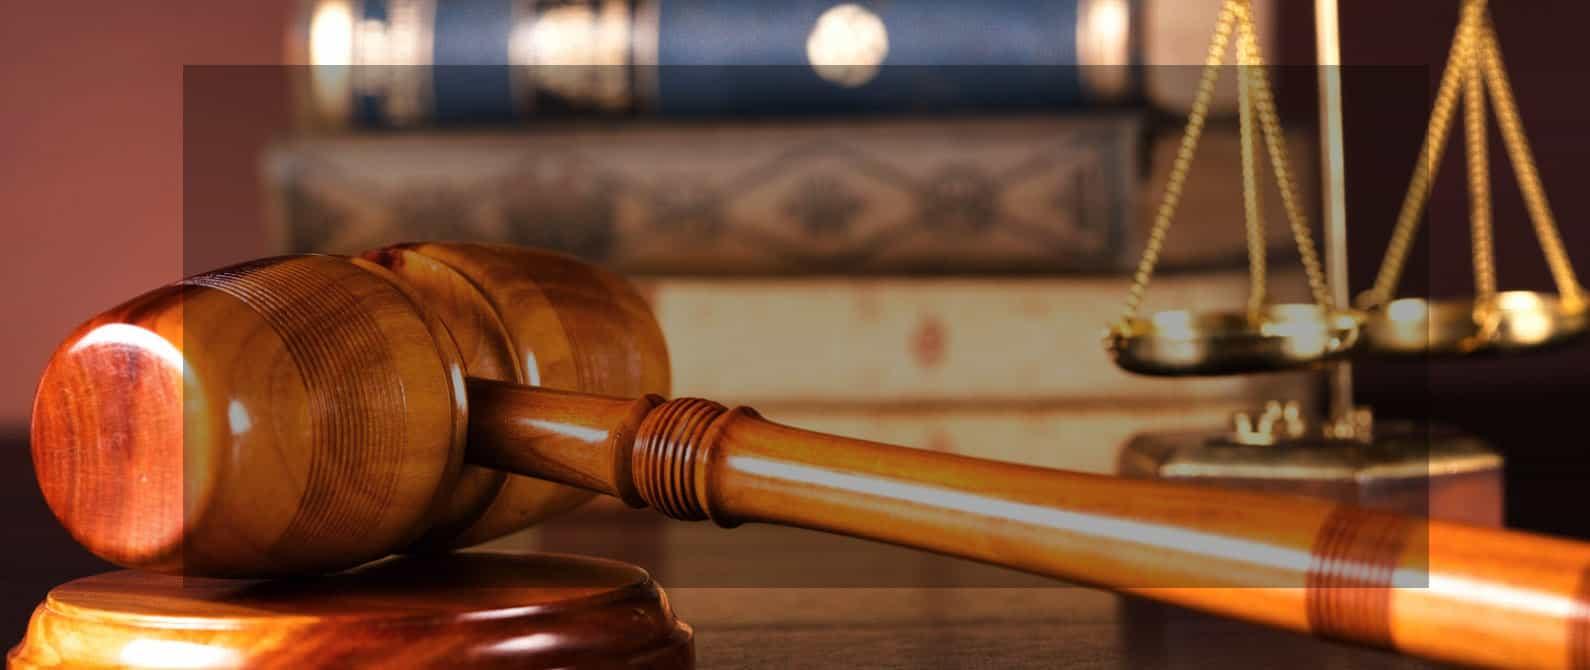 jazlowiecki-attorneys-results